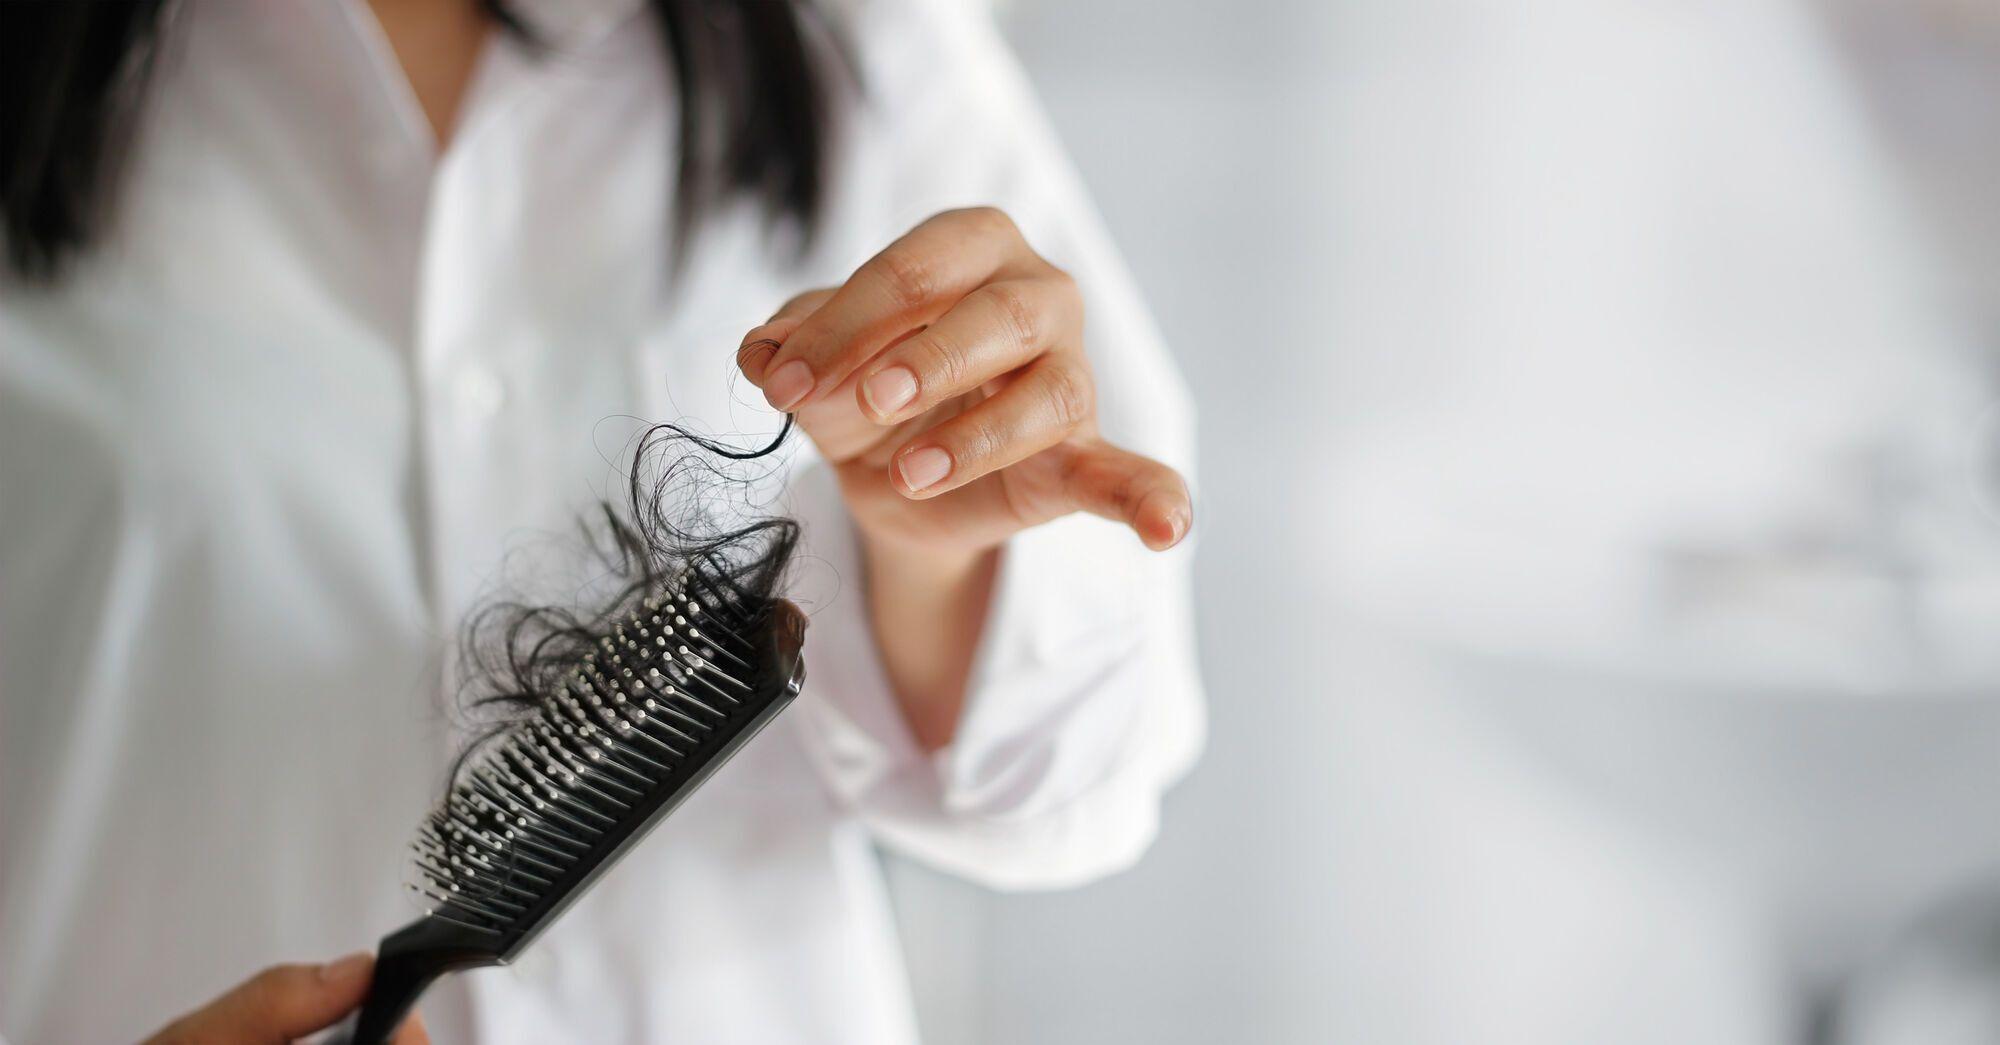 Летом в уход за волосами следует добавить термозащиту, увлажняющие сыворотки и физическую защиту